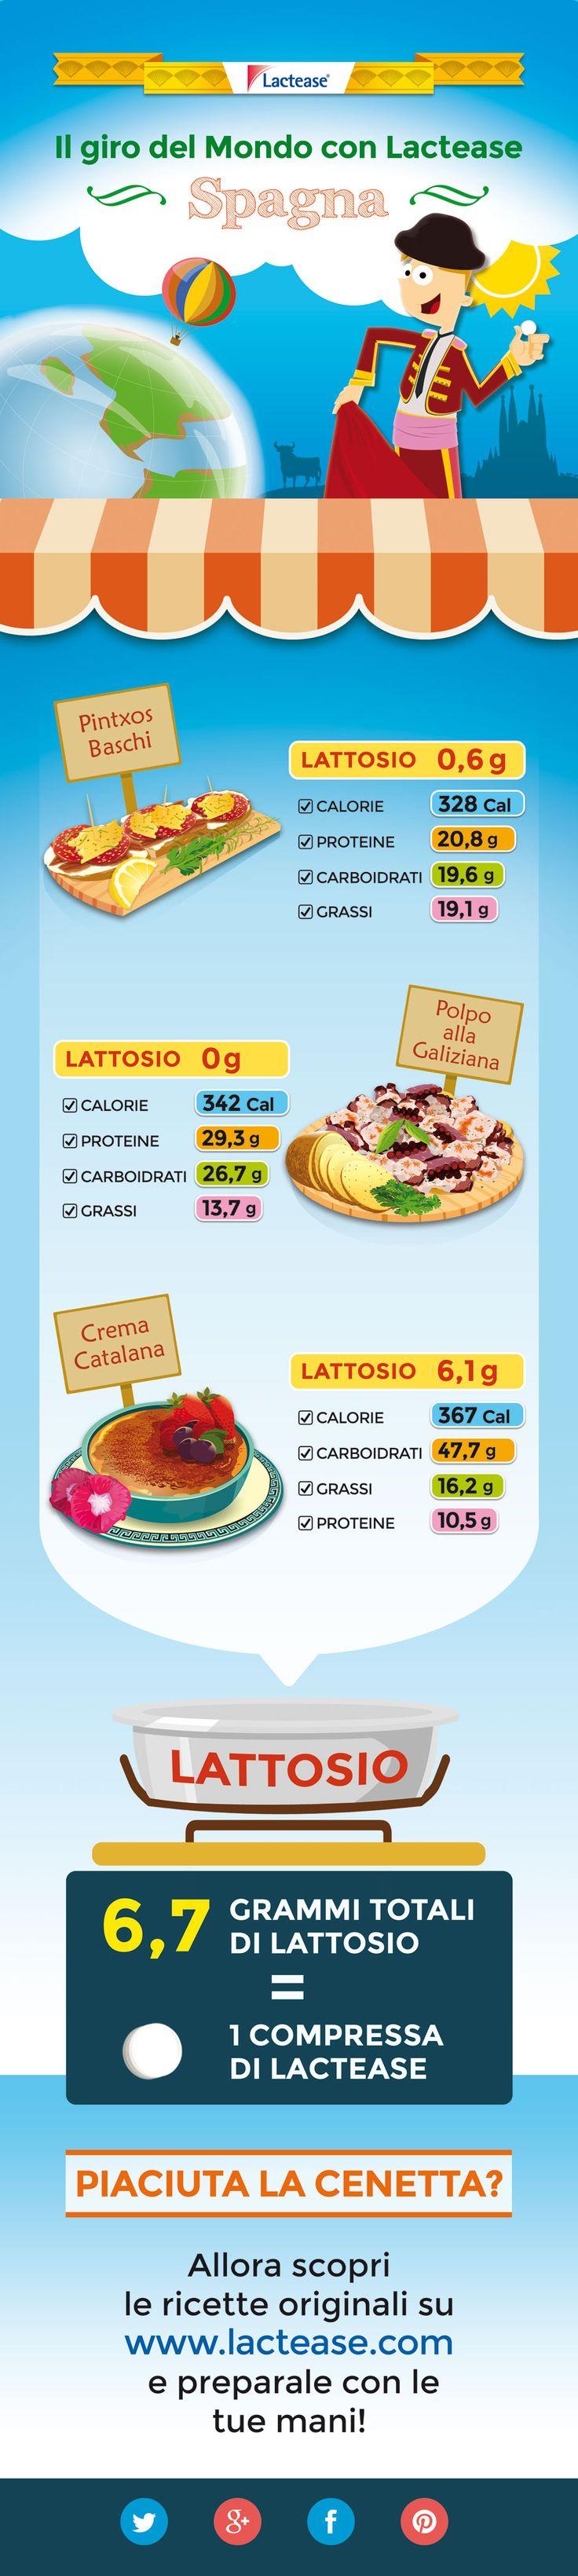 #Cucinainternazionale l'ottava tappa del giro del mondo con #Lactease ci porta in #Spagna! Scopri con noi le #ricette tipiche della #cucinaspagnola ---> http://www.lactease.com/portfolio-items/piatti-tipici-spagnoli-infografica-con-valori-nutrizionali/